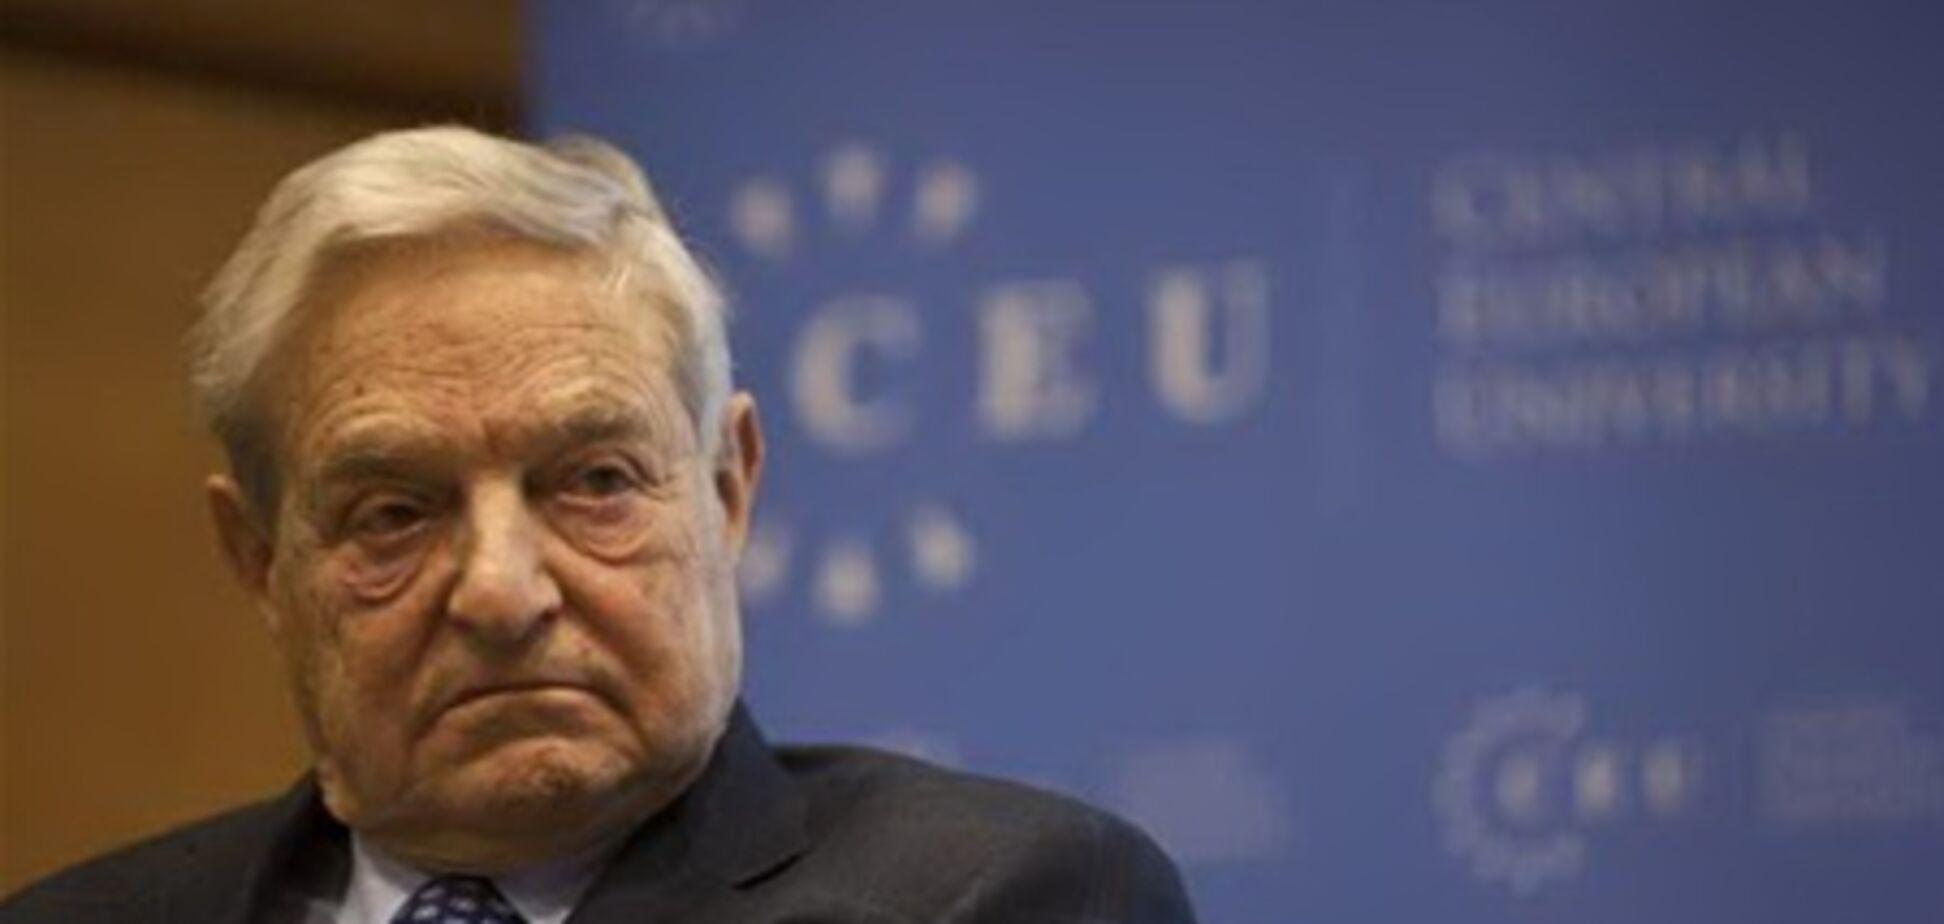 Європу чекає період 'жорсткої економії' - Сорос